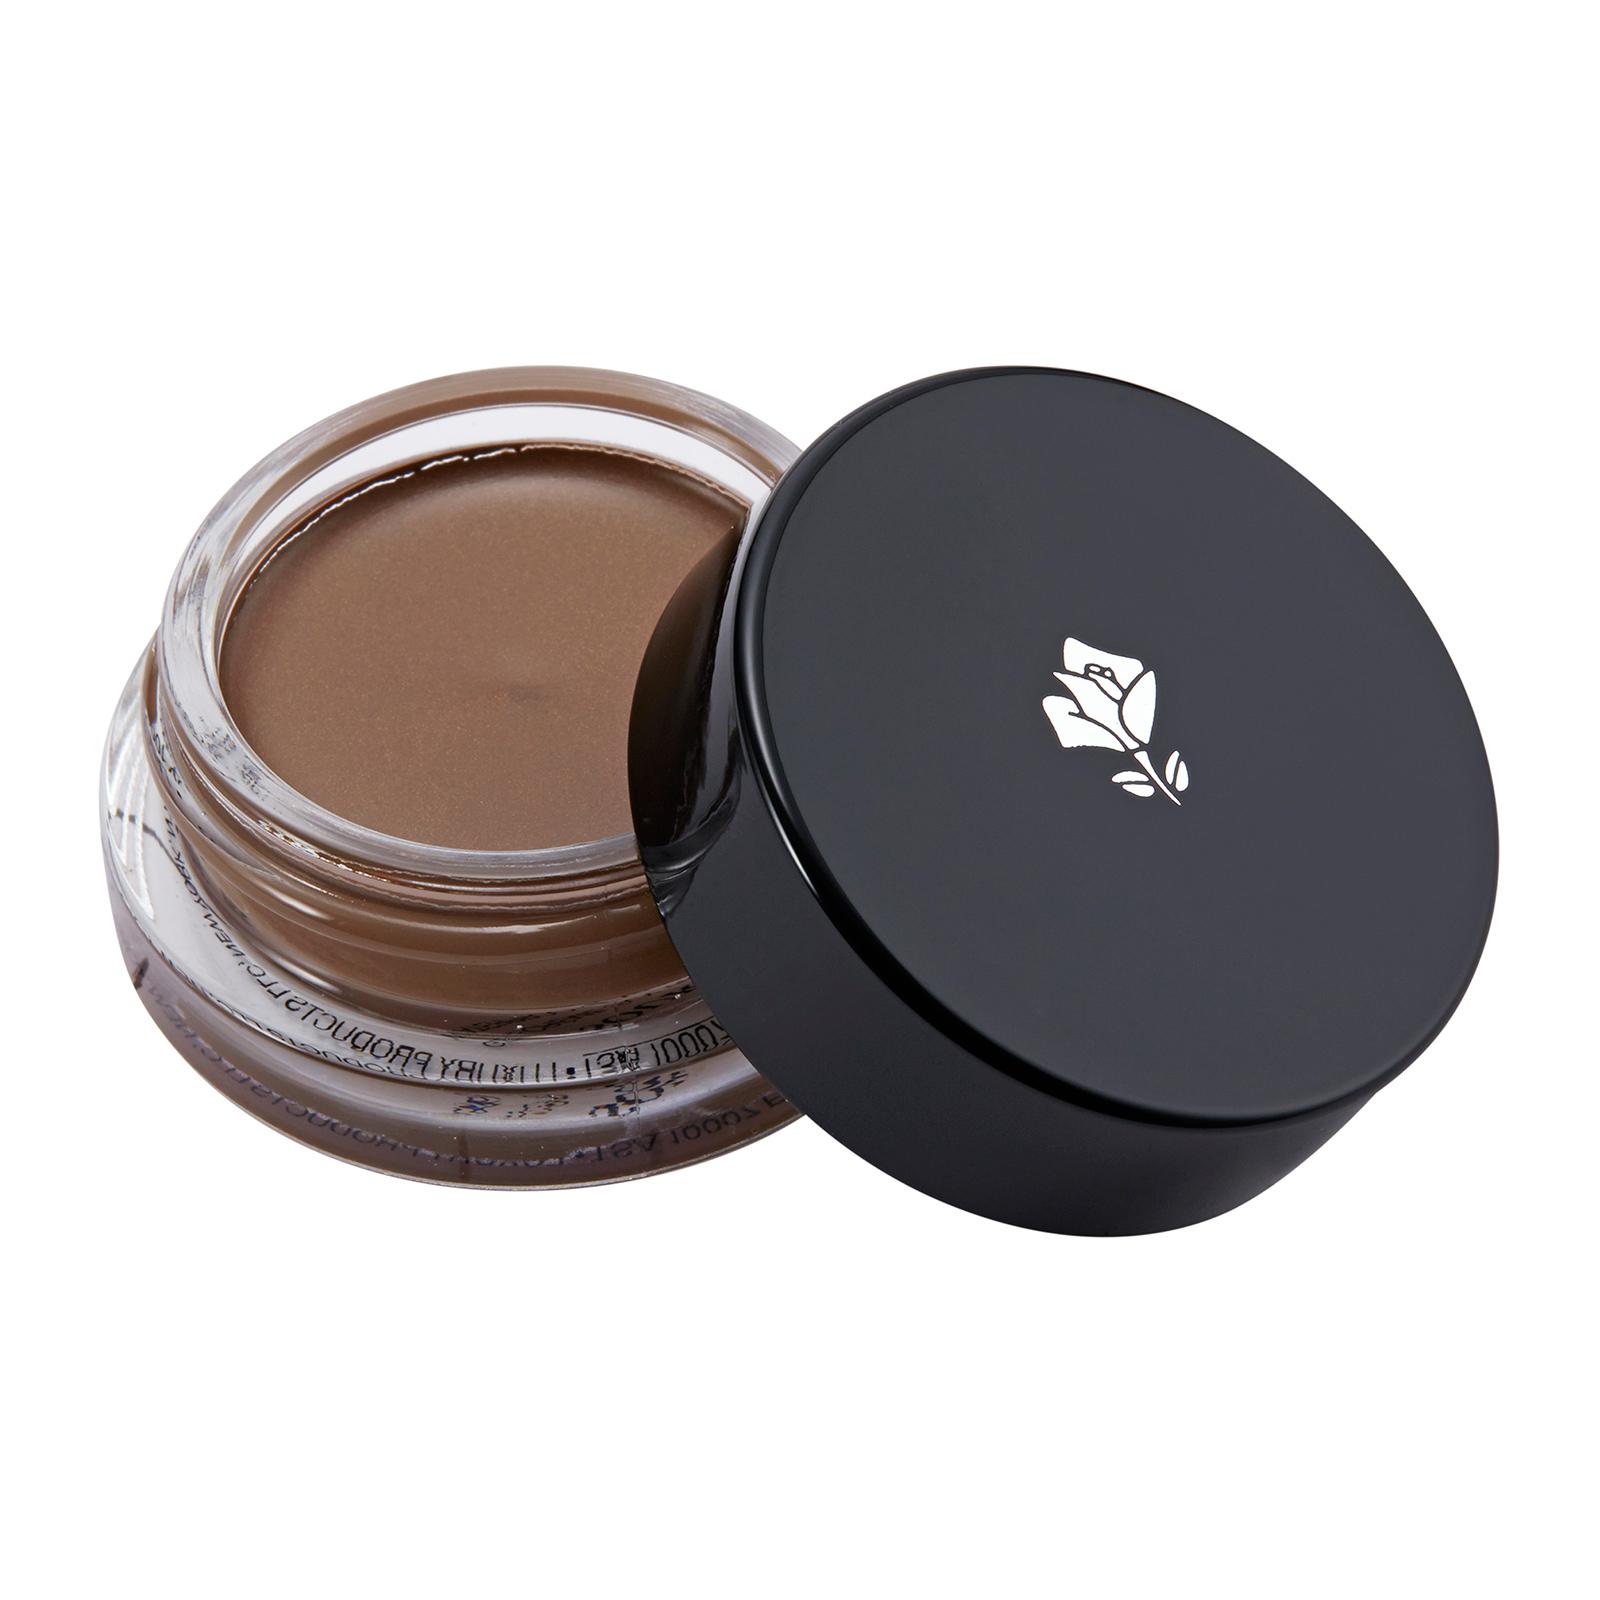 LANCÔME  Sourcils Gel Waterproof Eyebrow Gel-Cream 03 Taupe, 0.17oz, 5g